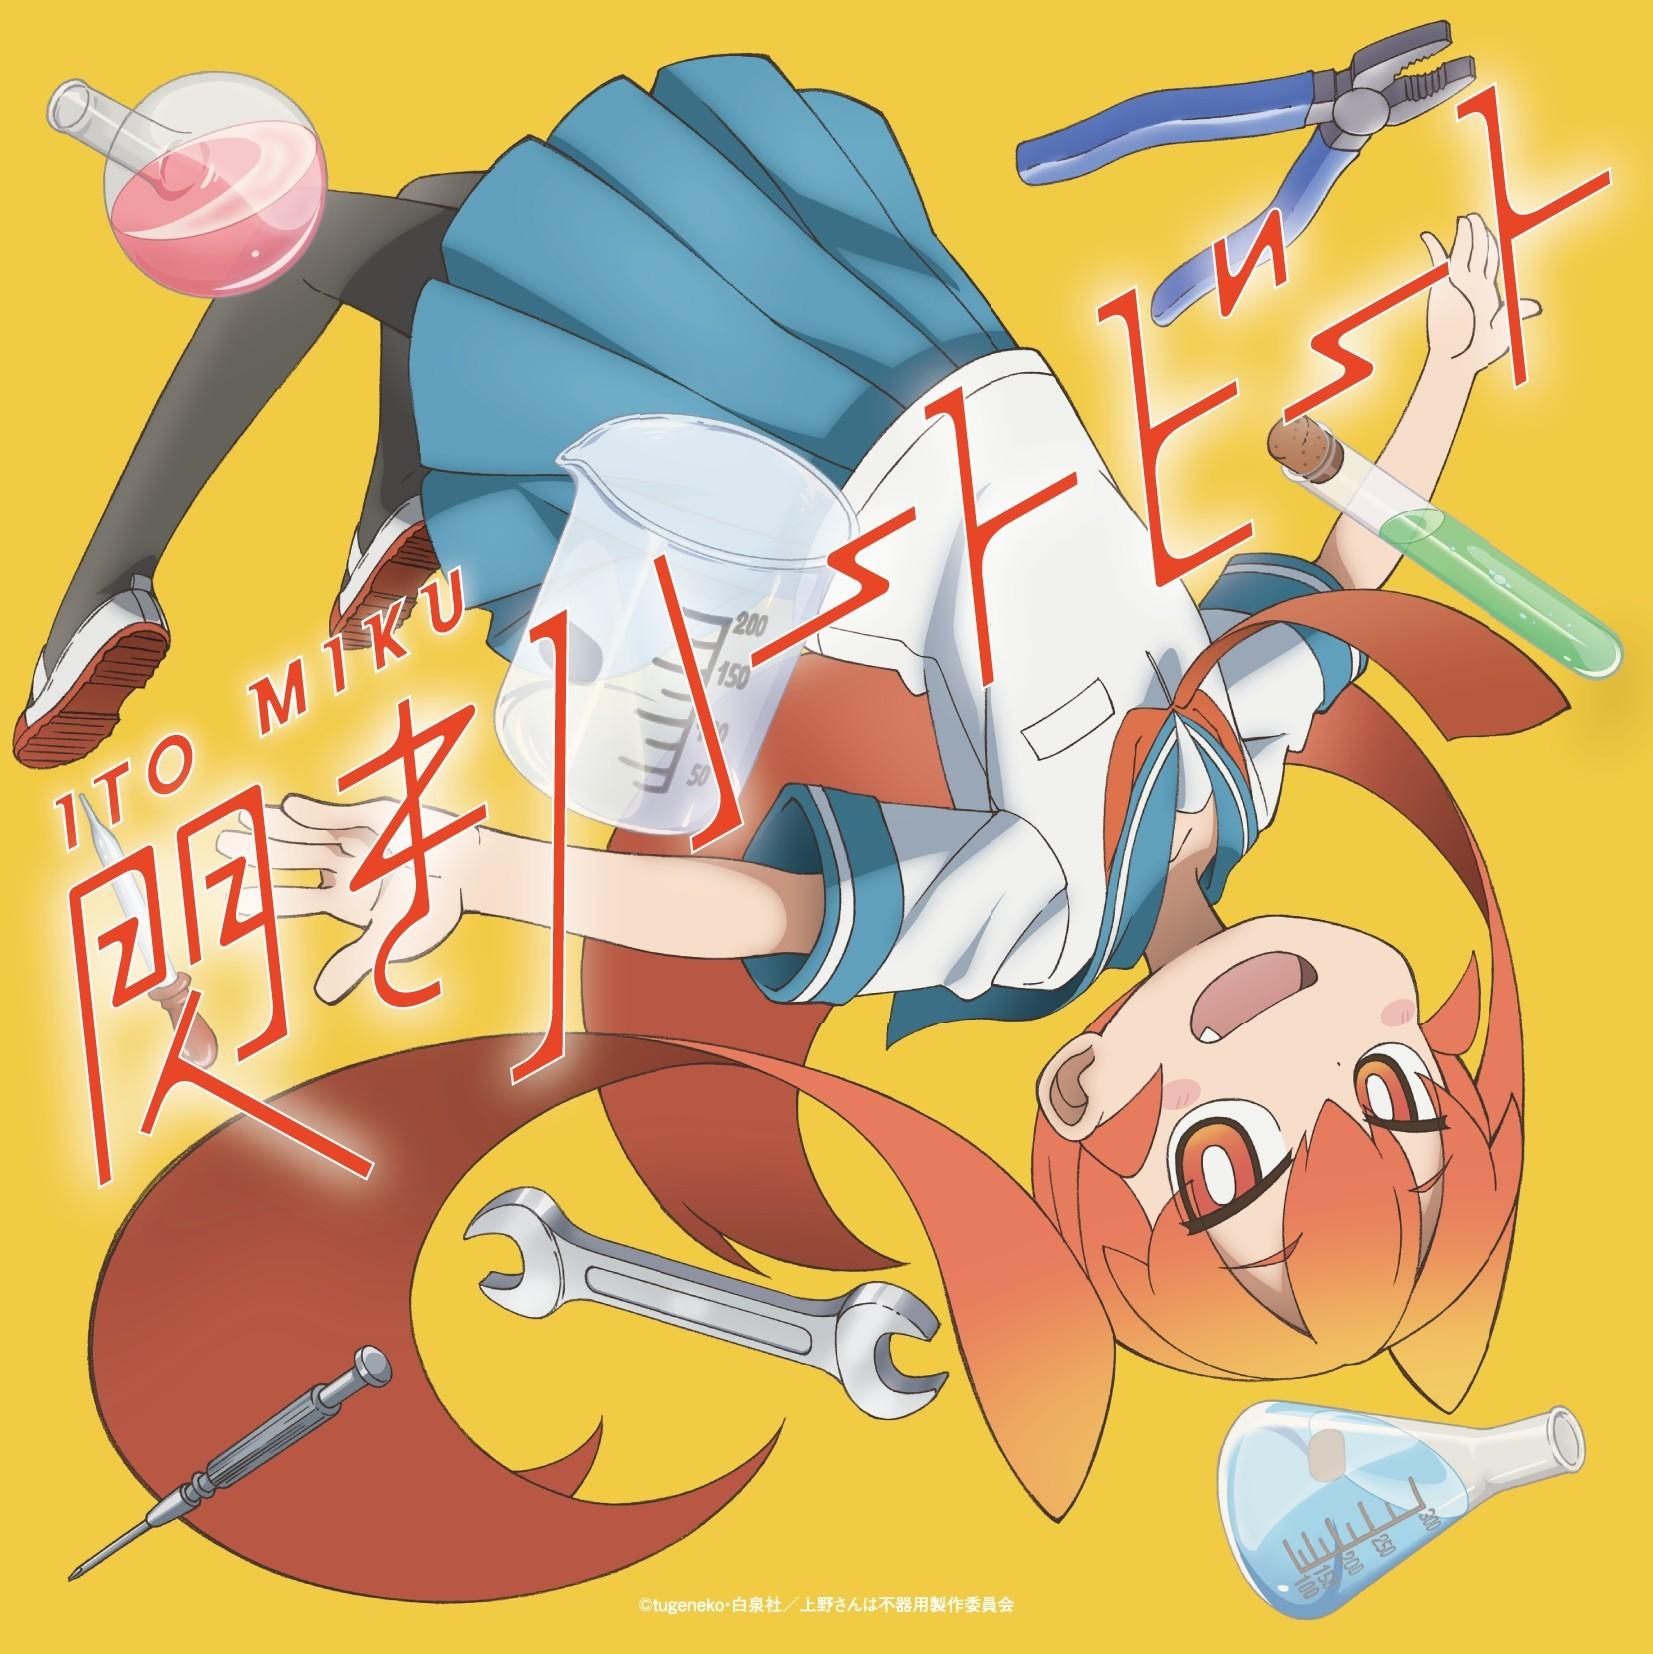 伊藤美来5thシングル「閃きハートビート」【通常盤】ジャケット